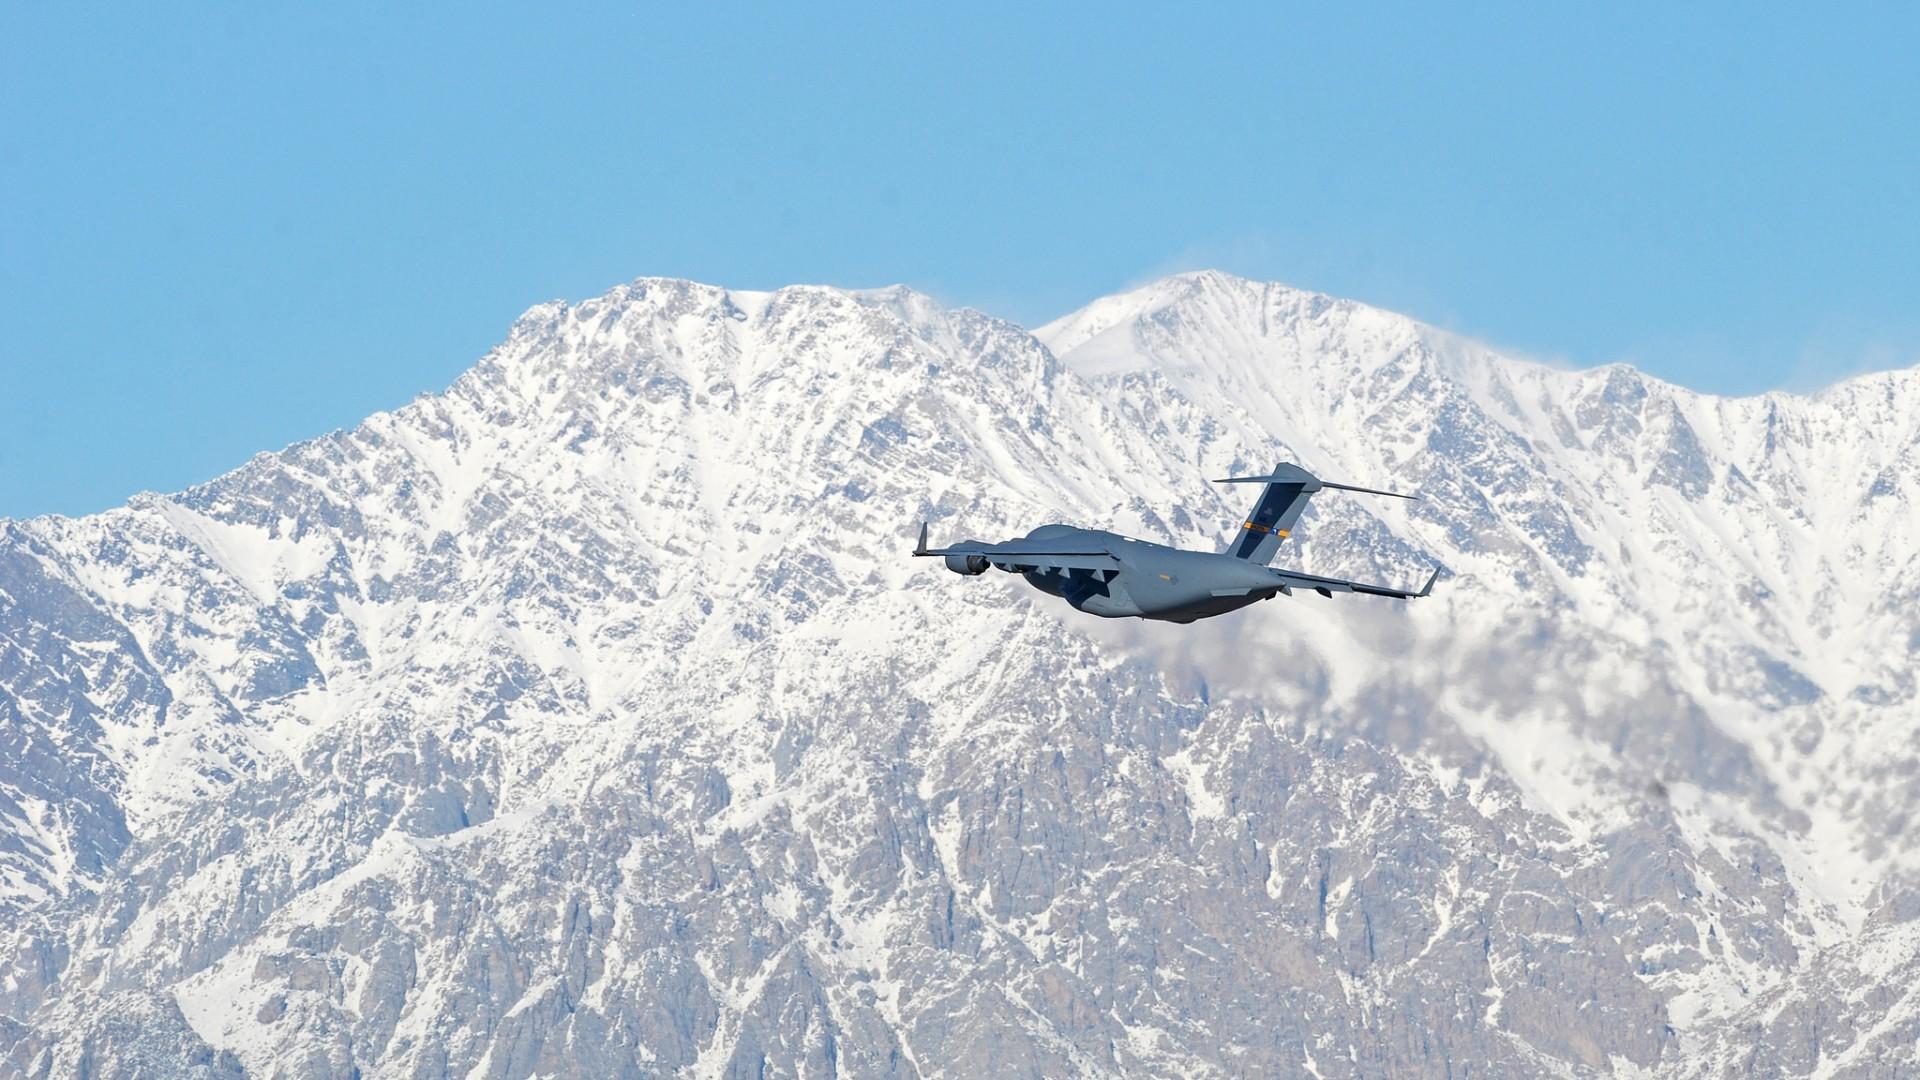 всегда фото боевых самолетов над горами серьезные знакомства данилове